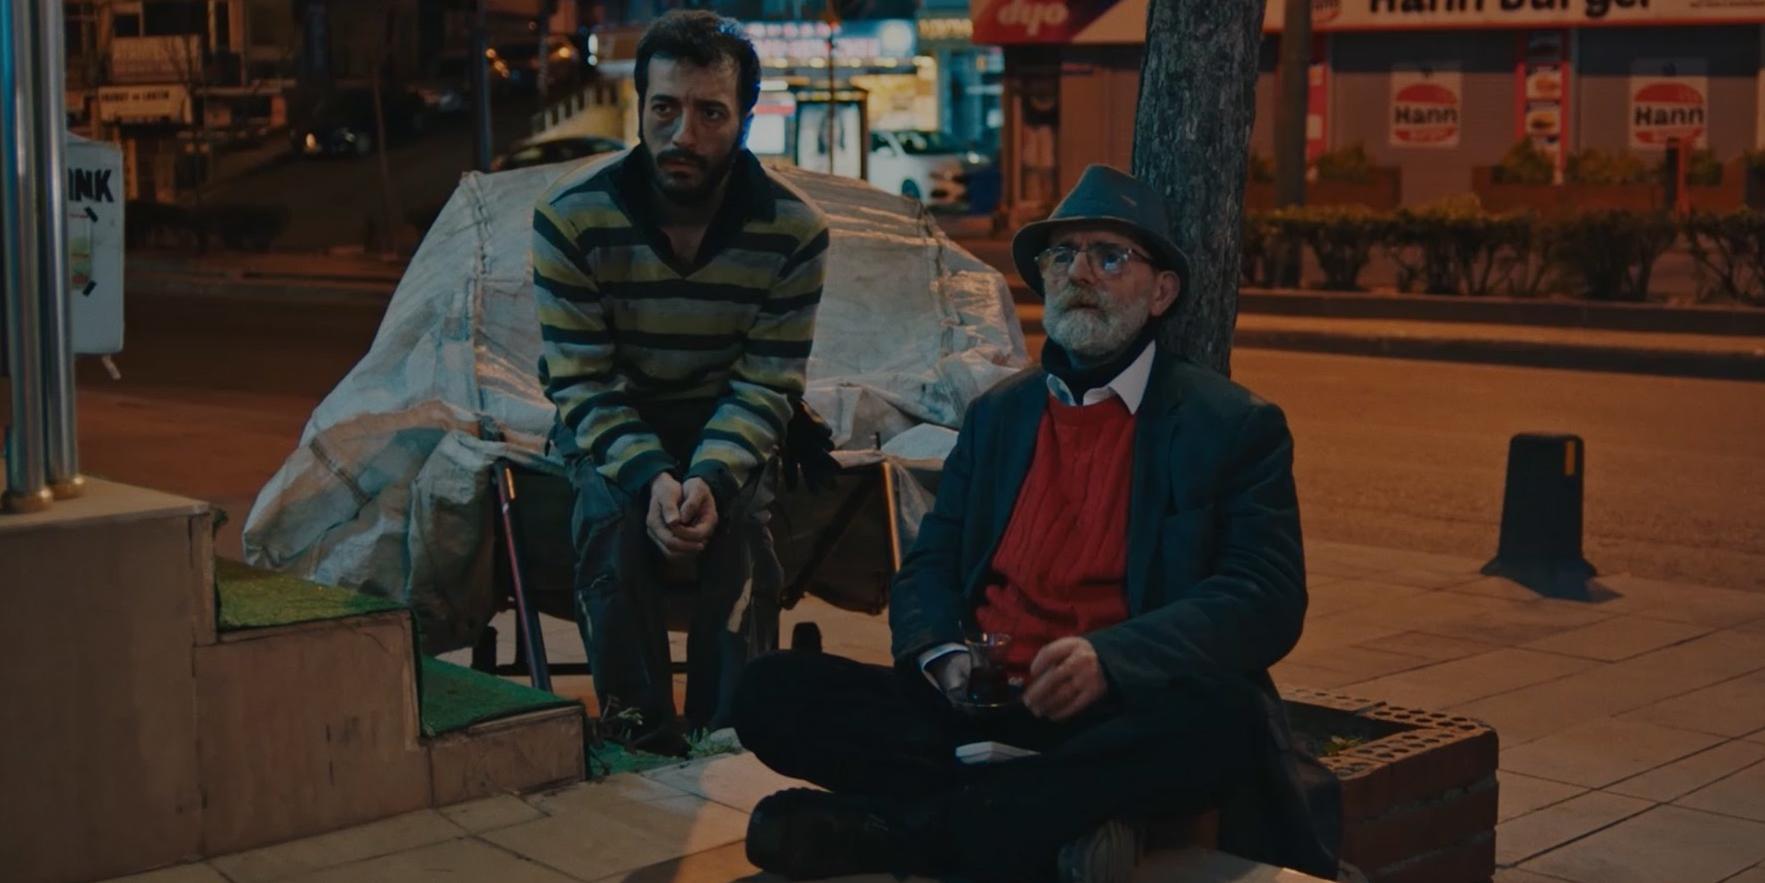 İlk Filmini Arzulamak – Kısa Film Kolektifi: İlk Kısaların Öyküsü